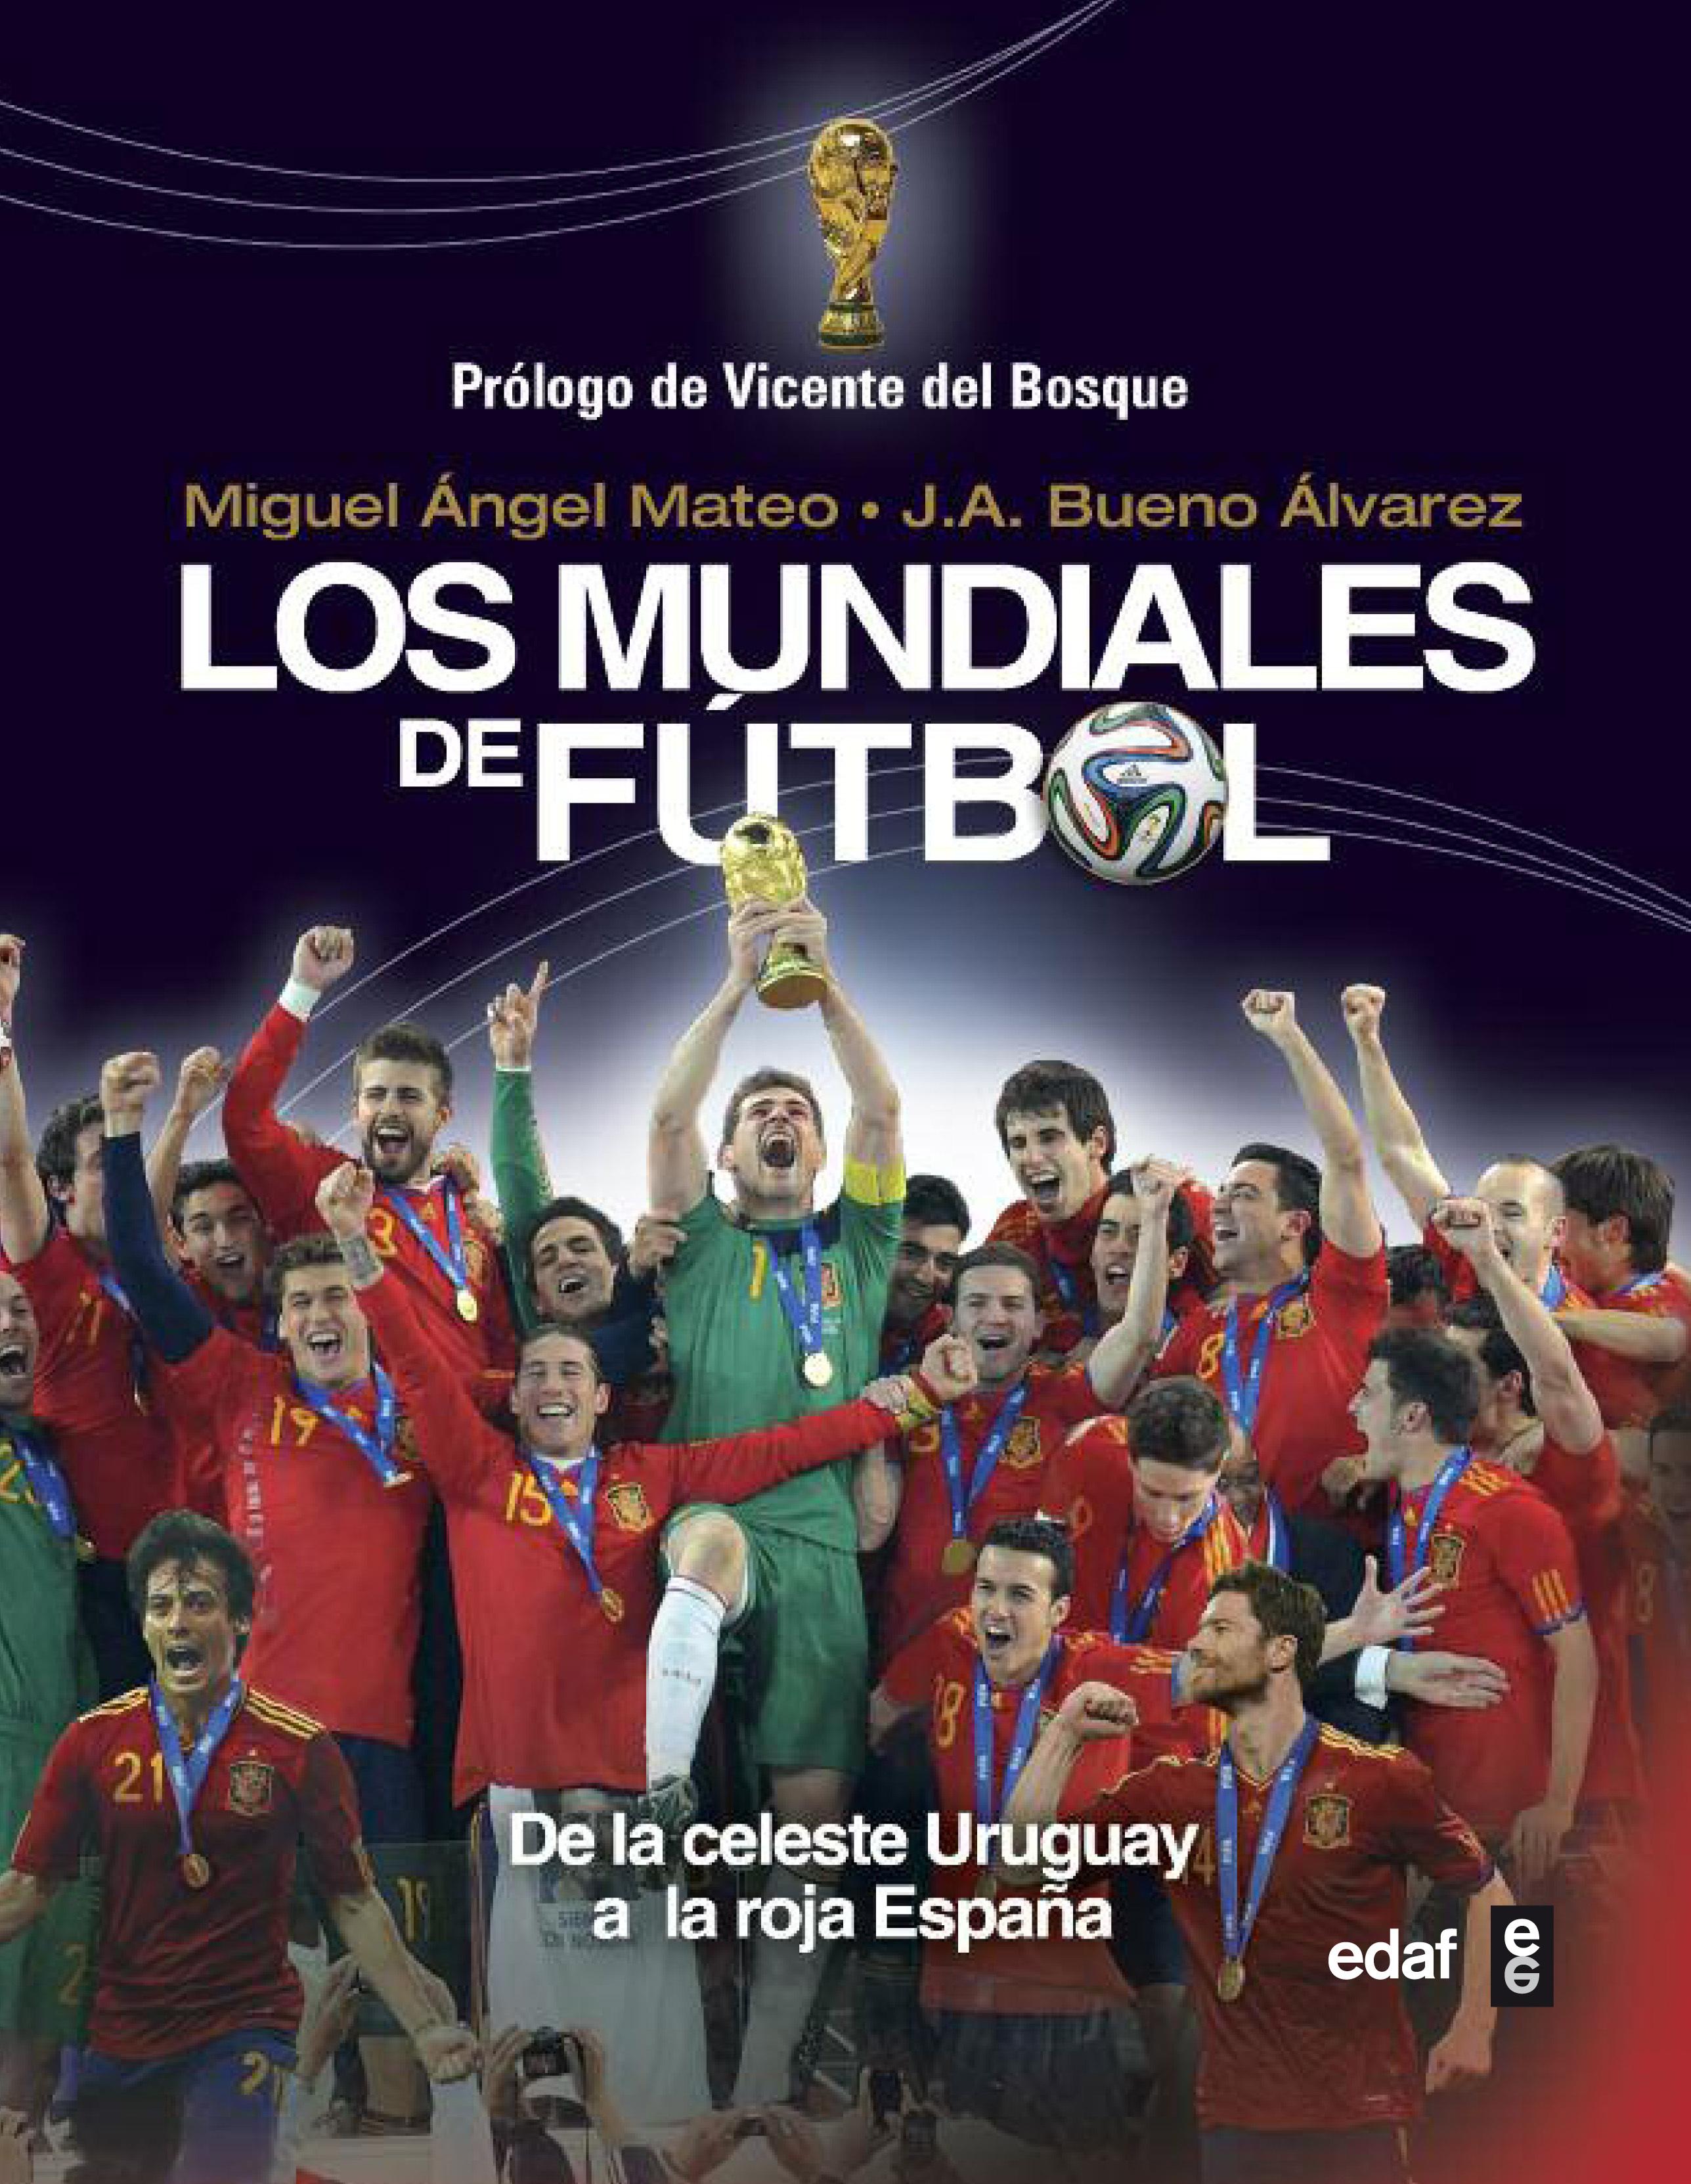 LOS MUNDIALES DE FÚTBOL: DE LA CELESTE URUGUAY A LA ROJA ESPAÑOLA